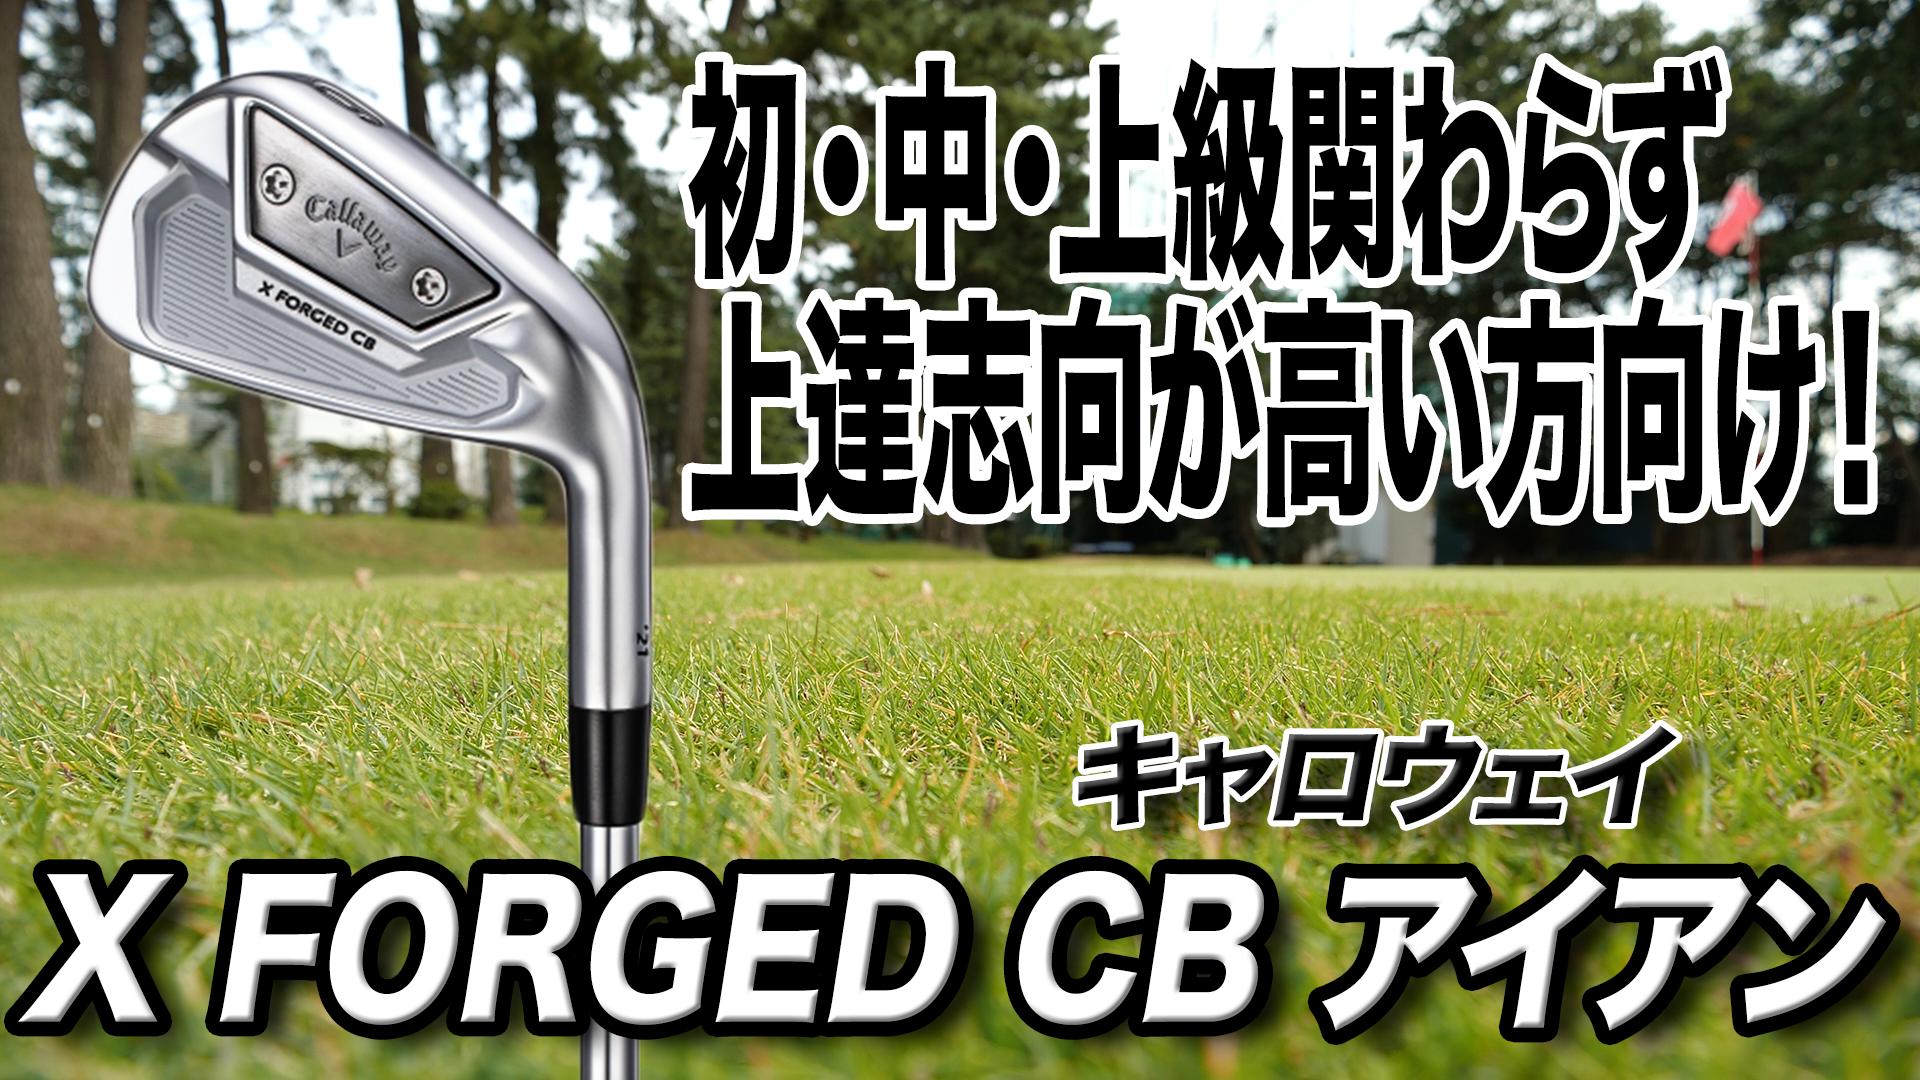 キャロウェイ「X FORGED CB アイアン」【レビュー企画】